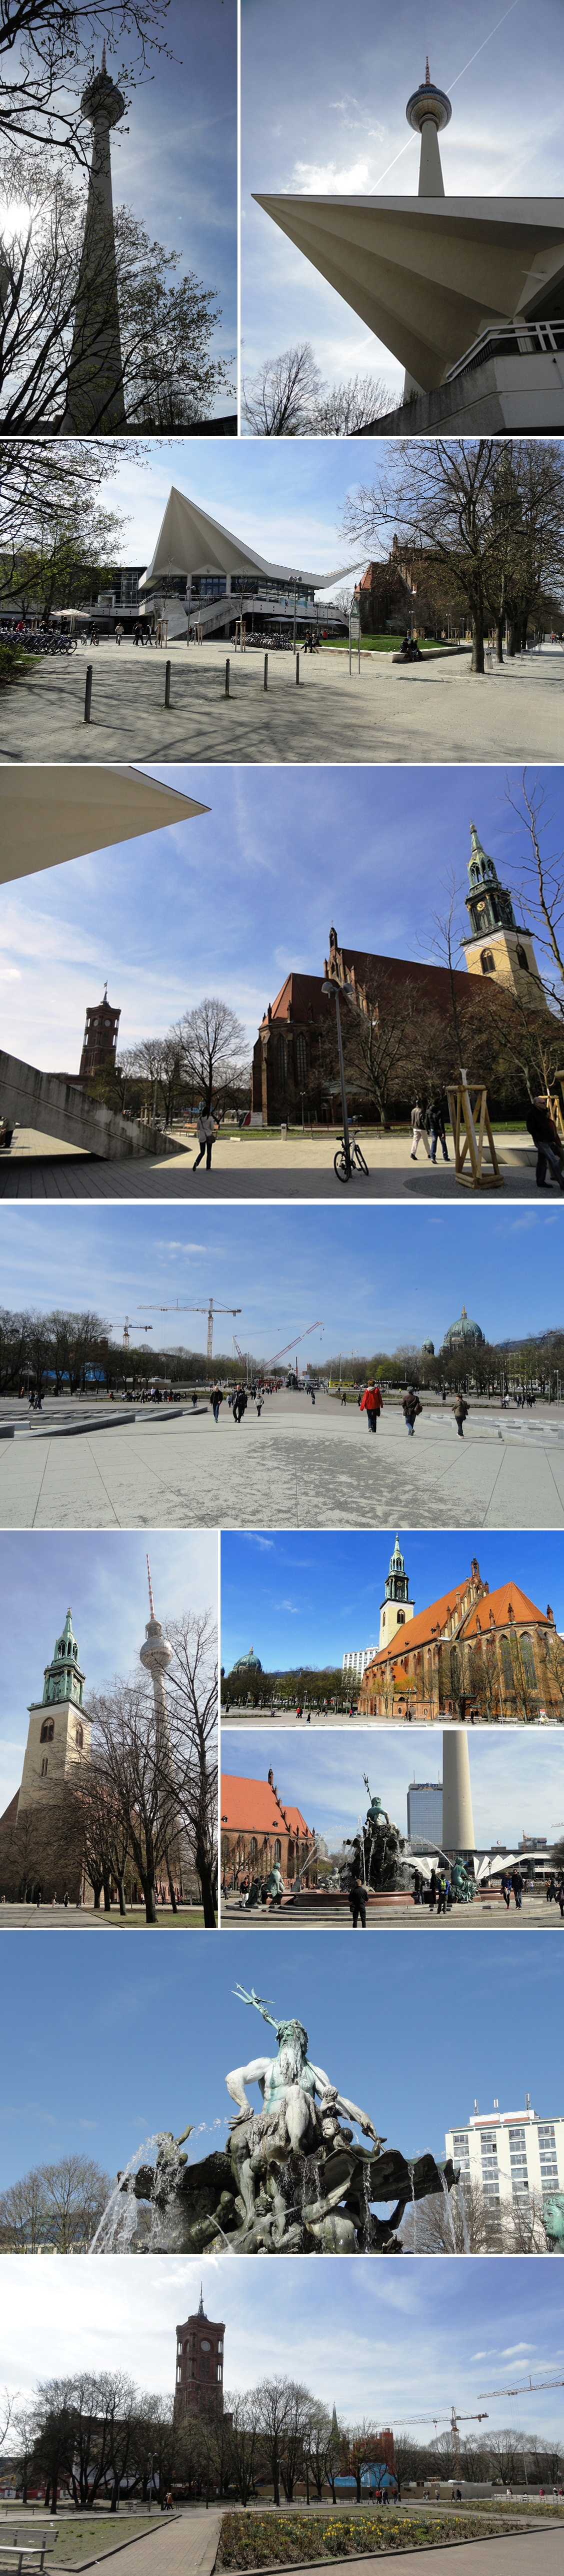 tour de la Télévision (Fernsehturm), l'Hôtel de Ville (Rotes Rathaus), une fontaine néobaroque de Neptune, l'Eglise Marienkirche